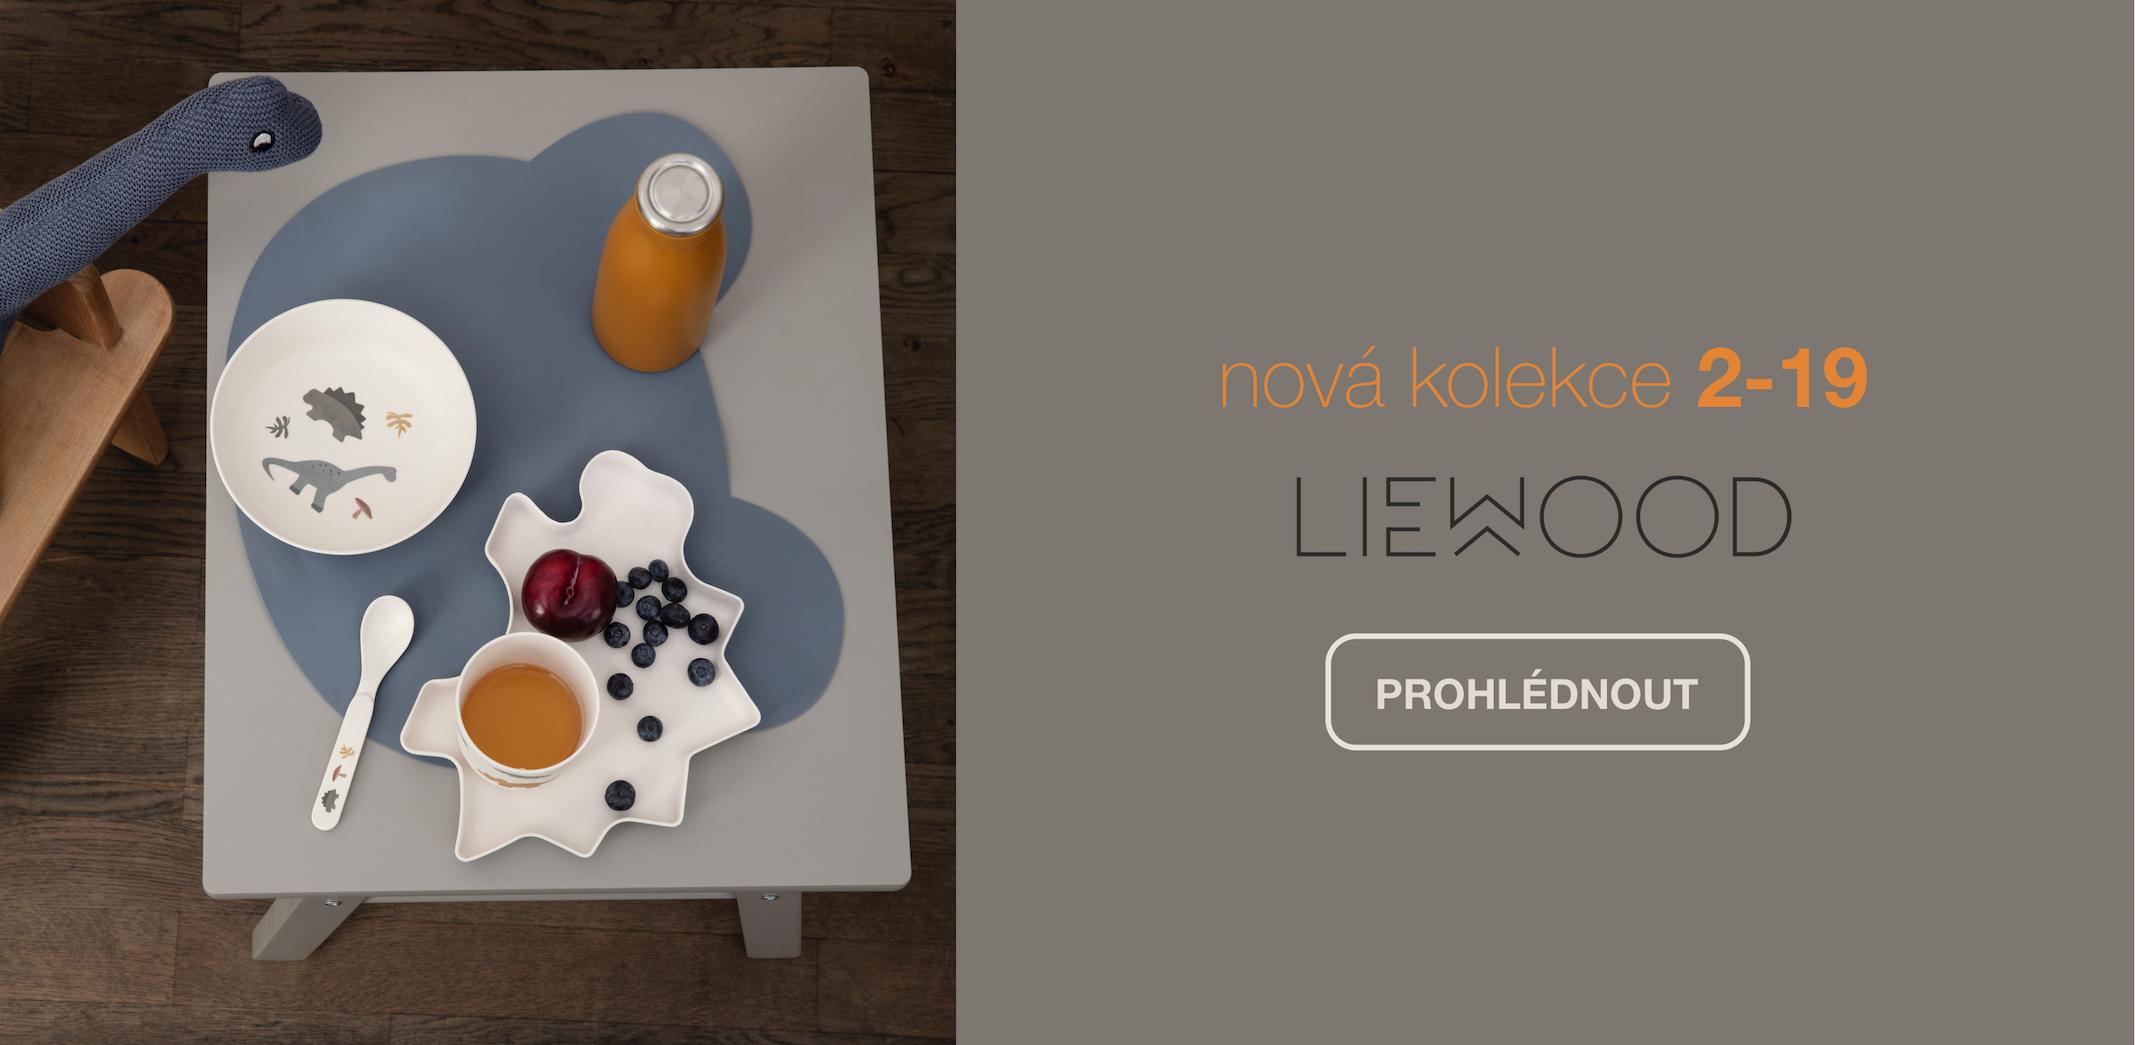 Nová kolekce 2-19 od dánských Liewood